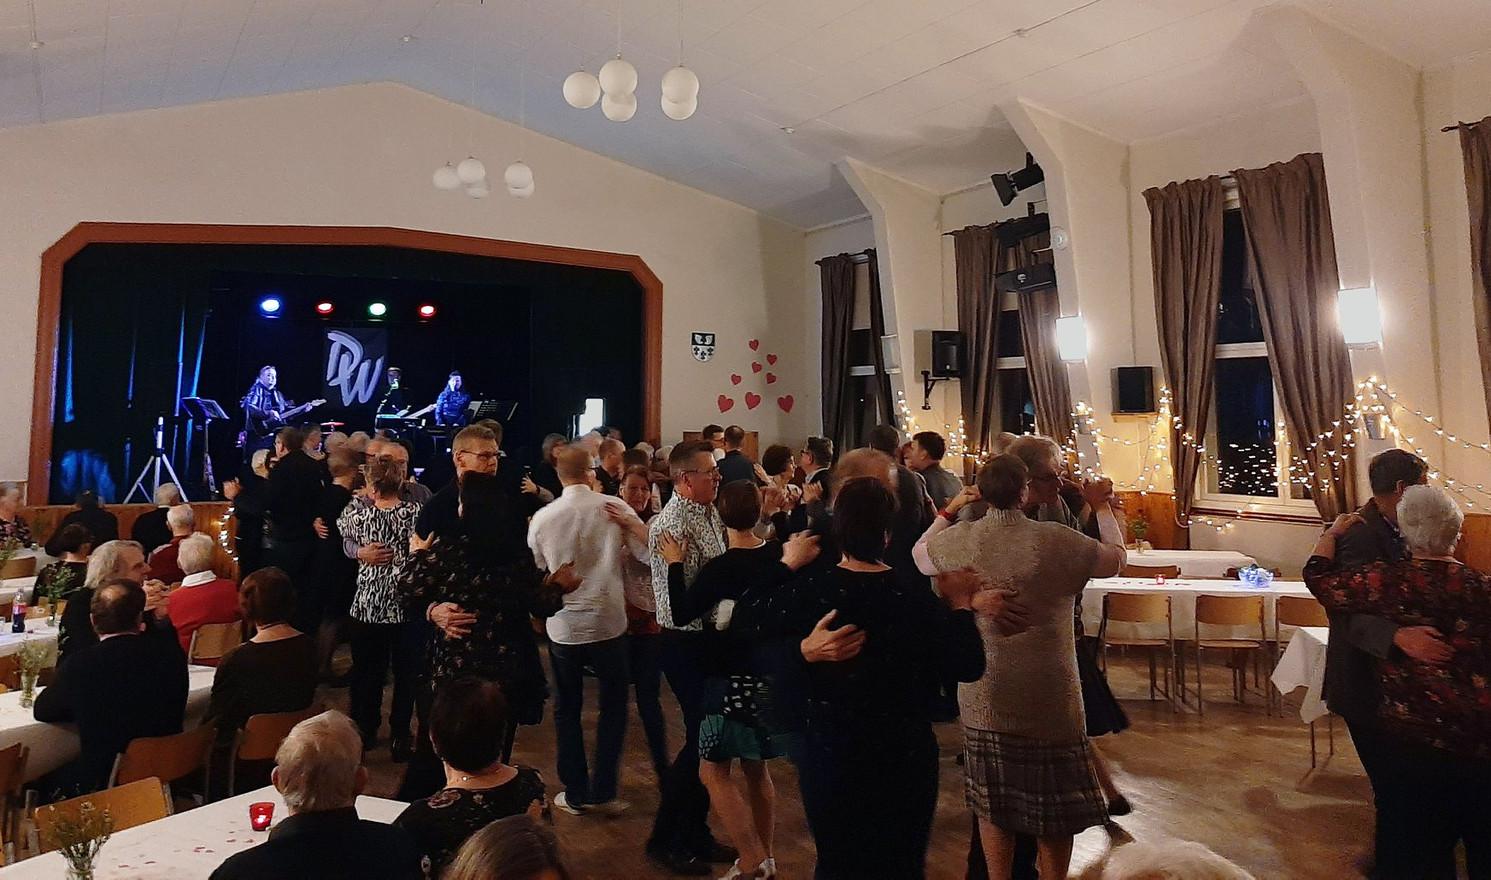 Alla hjärtans dans var en succé. Bandet Danswerket lockade mycket folk till Liljendalgården.